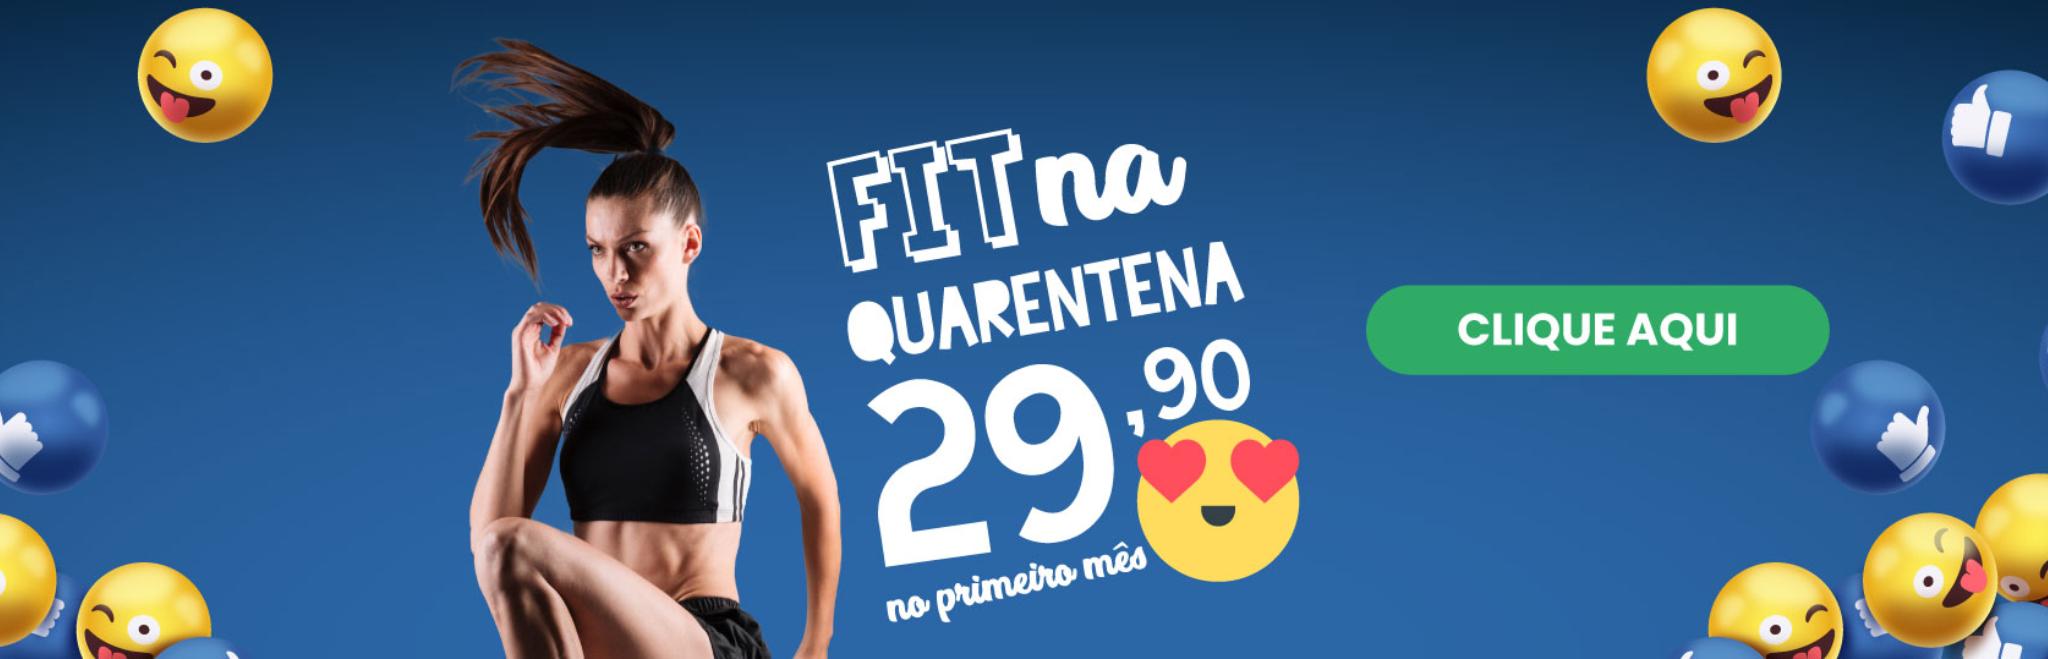 fit-quarentena (1)